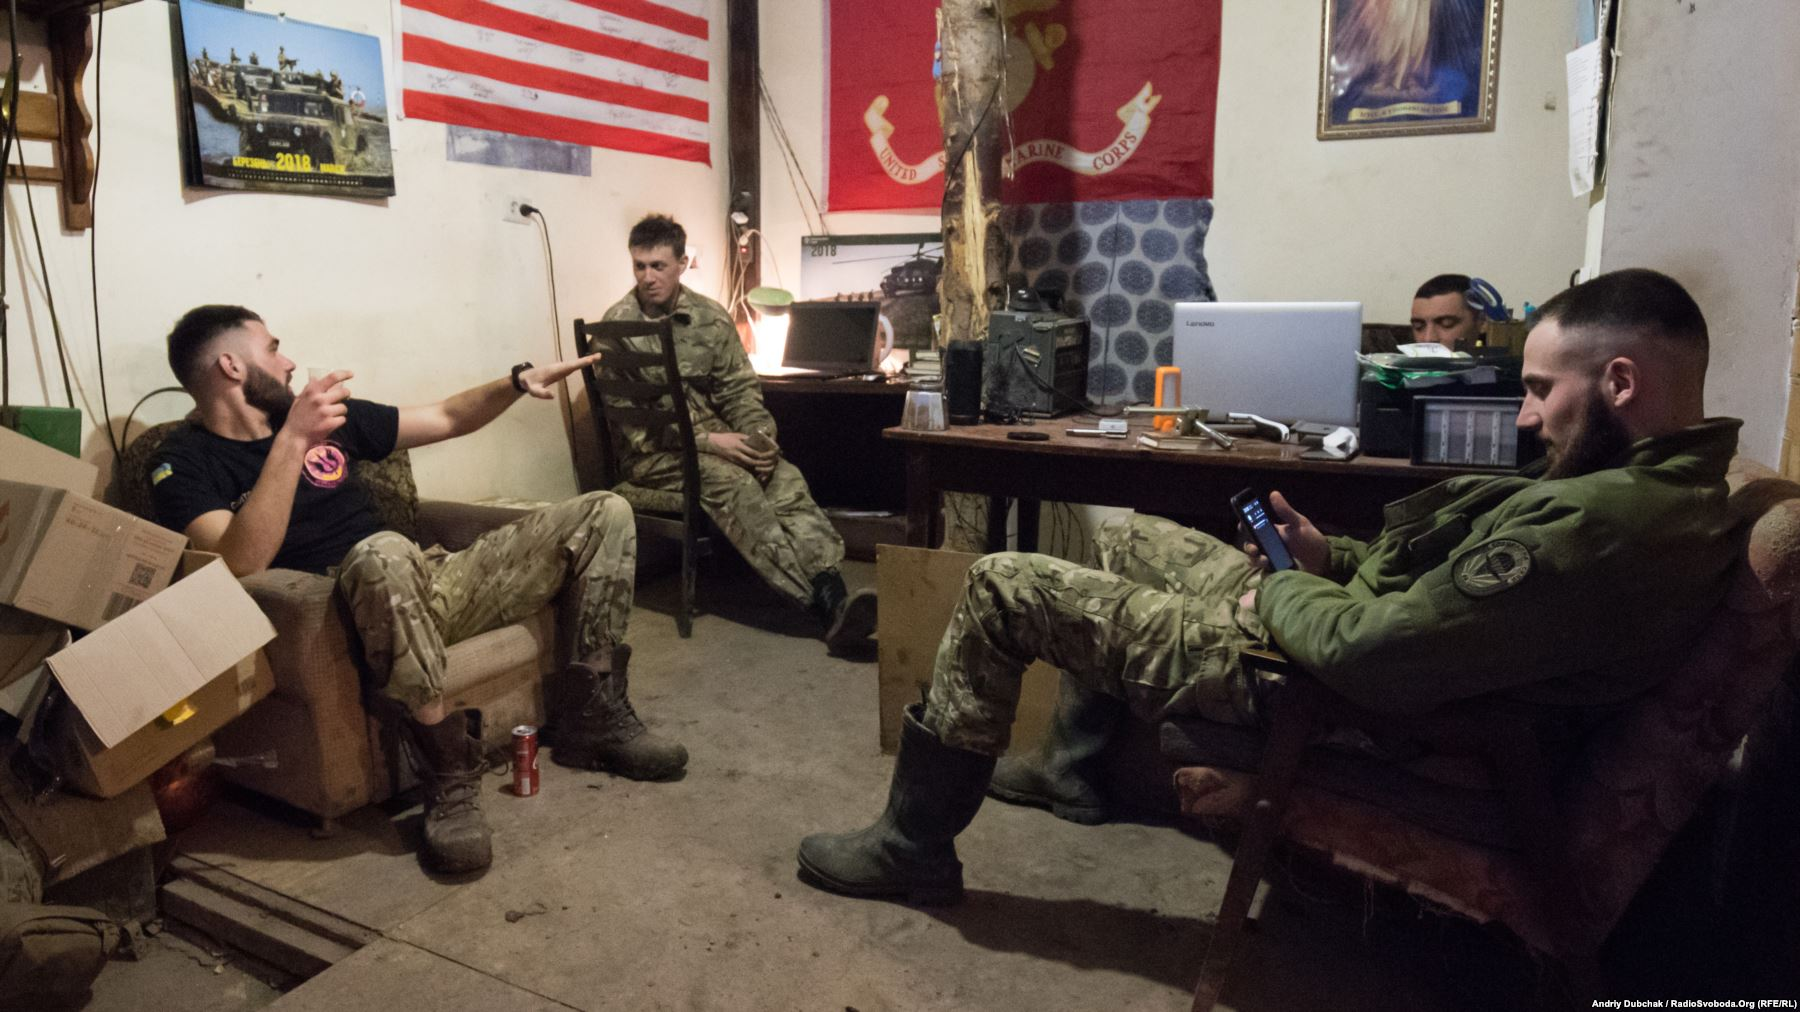 Морпіхи за розмовою у одному з підвалів Водяного. Позаду видно частину прапора США, подарованого американськими морпіхами українським під час спільних навчань